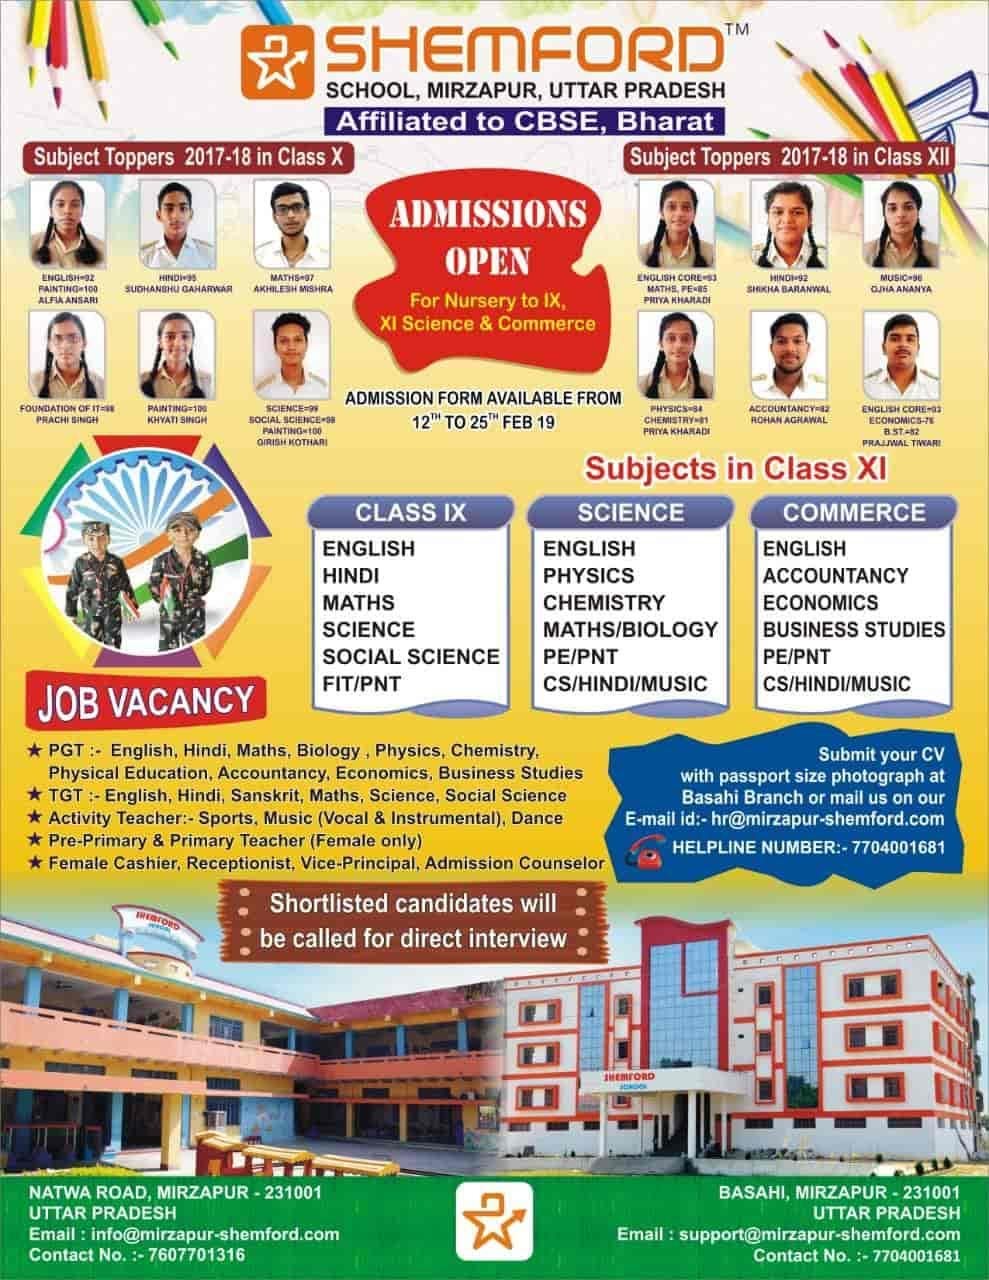 Shemford School, Putlighar - Schools in Mirzapur - Justdial